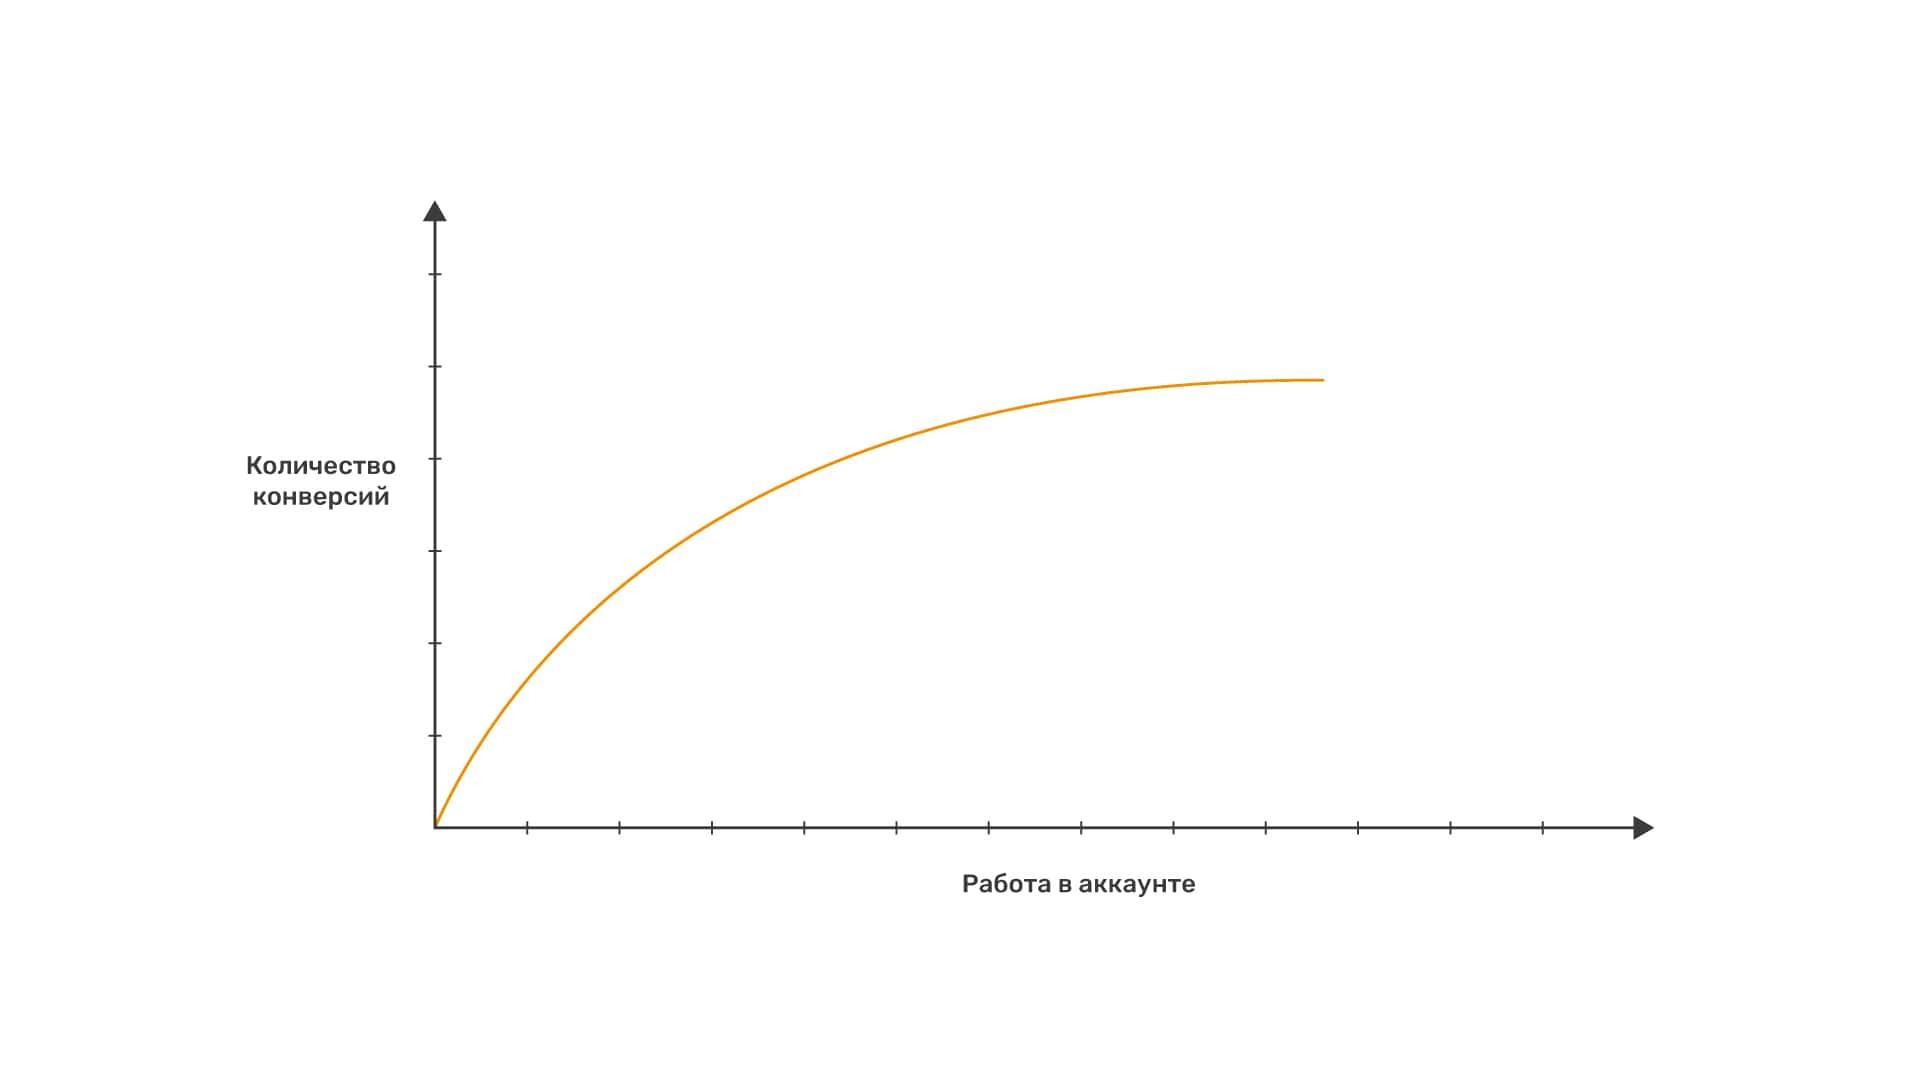 график зависимости усилий и результата